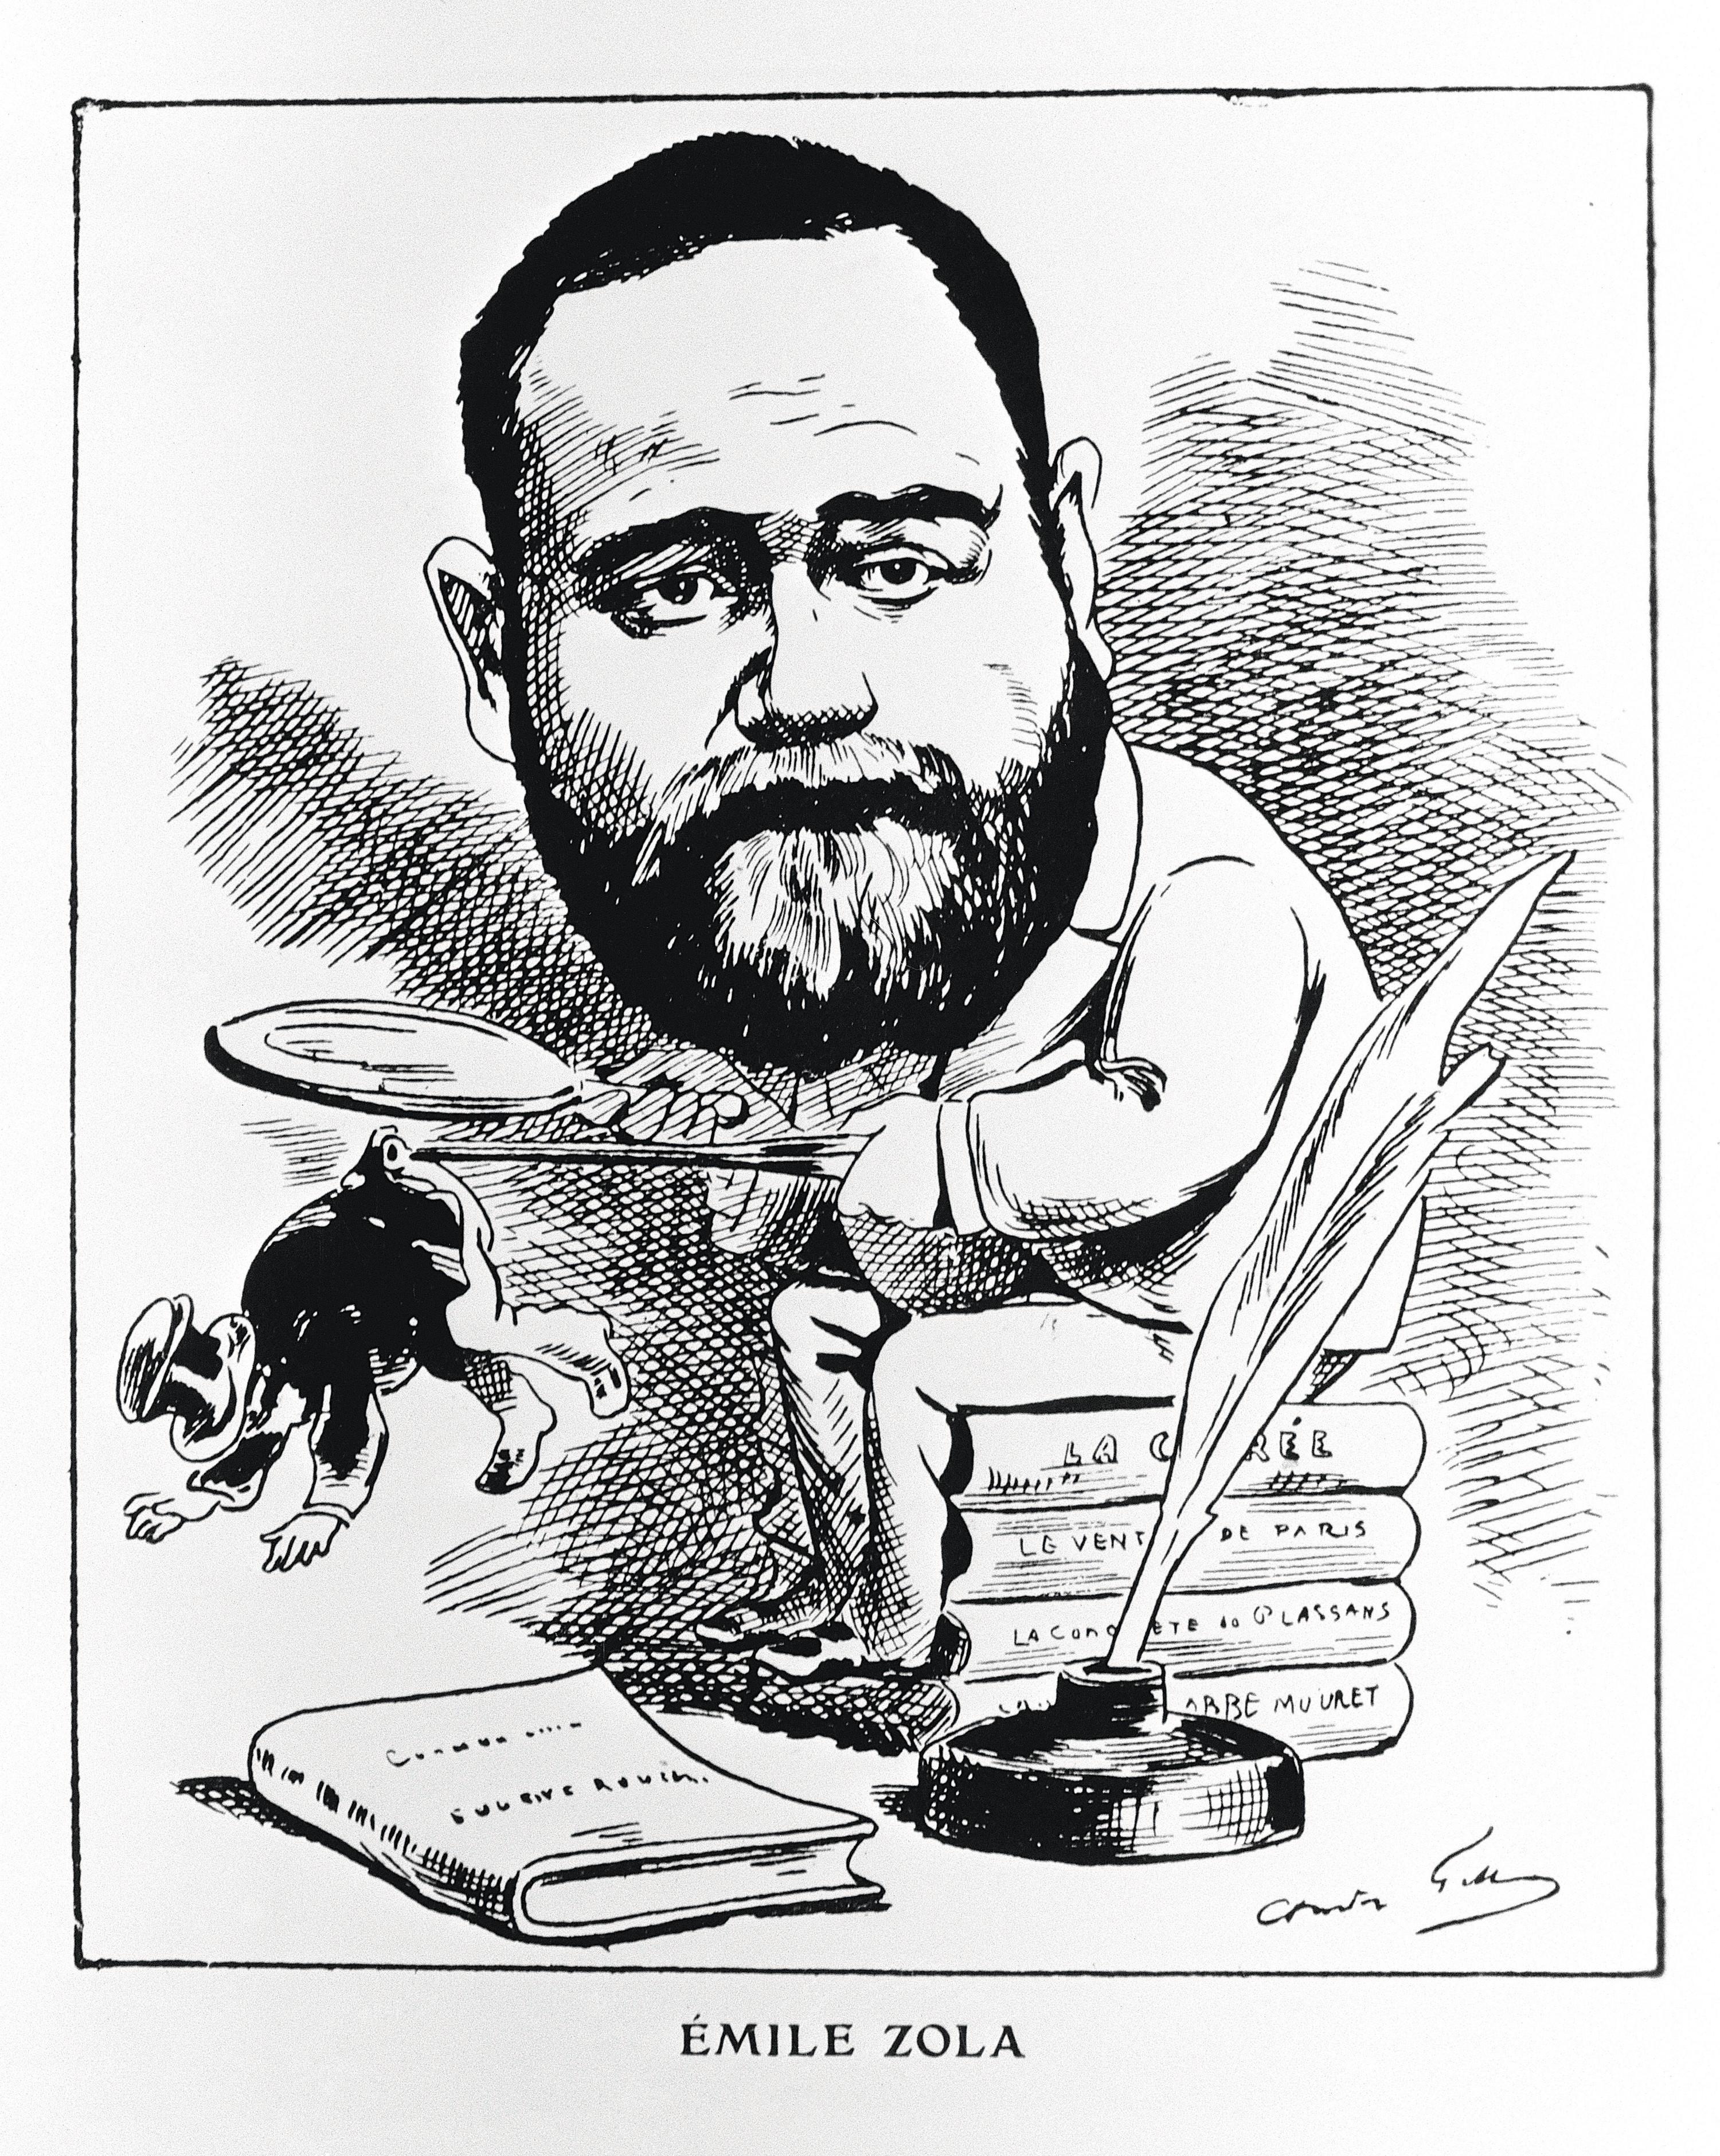 André Gill, Émile Zola observant ses semblables à la loupe